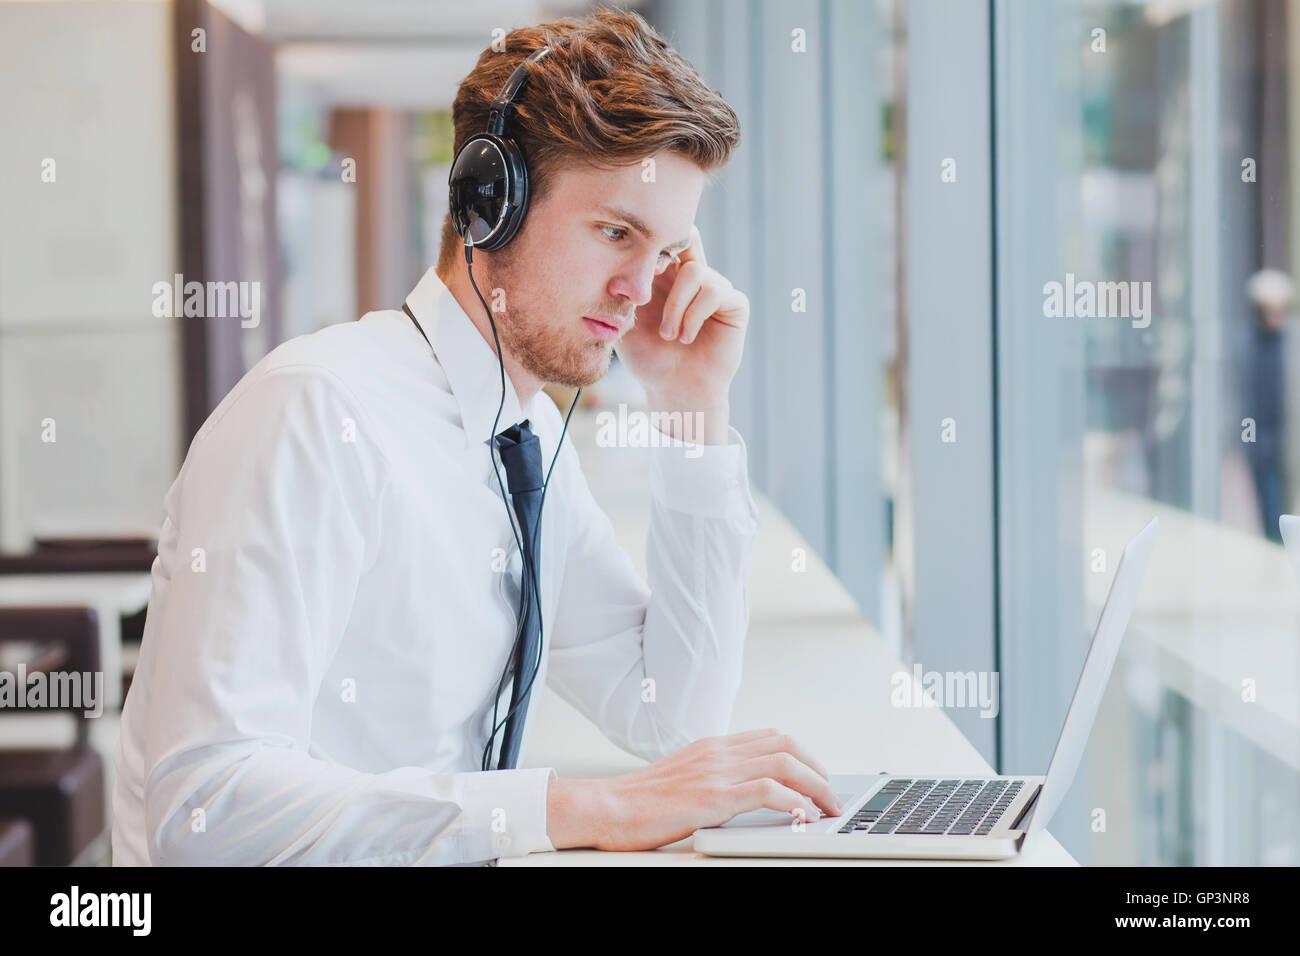 Geschäftsmann in Kopfhörer arbeiten mit Laptop im modernen Café-Interieur Stockbild